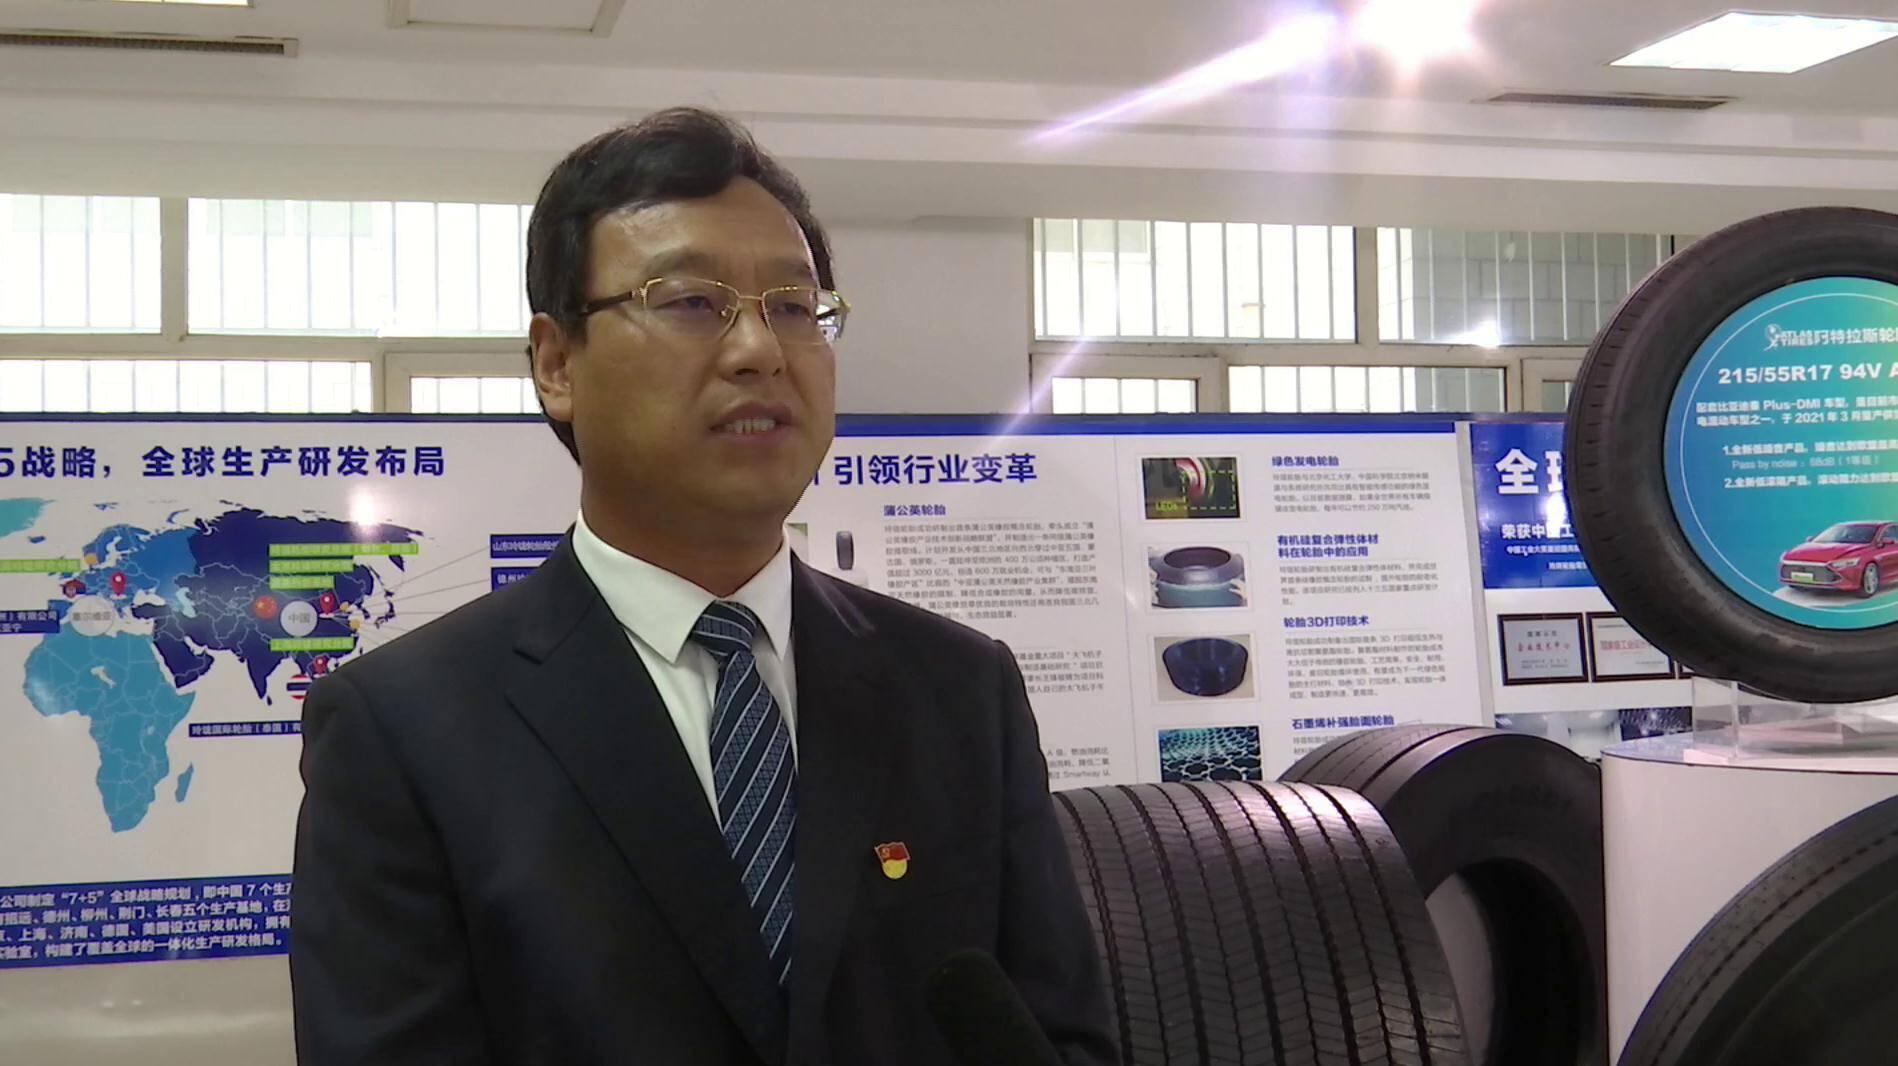 玲珑轮胎董事长王锋:为实现中国梦贡献企业力量